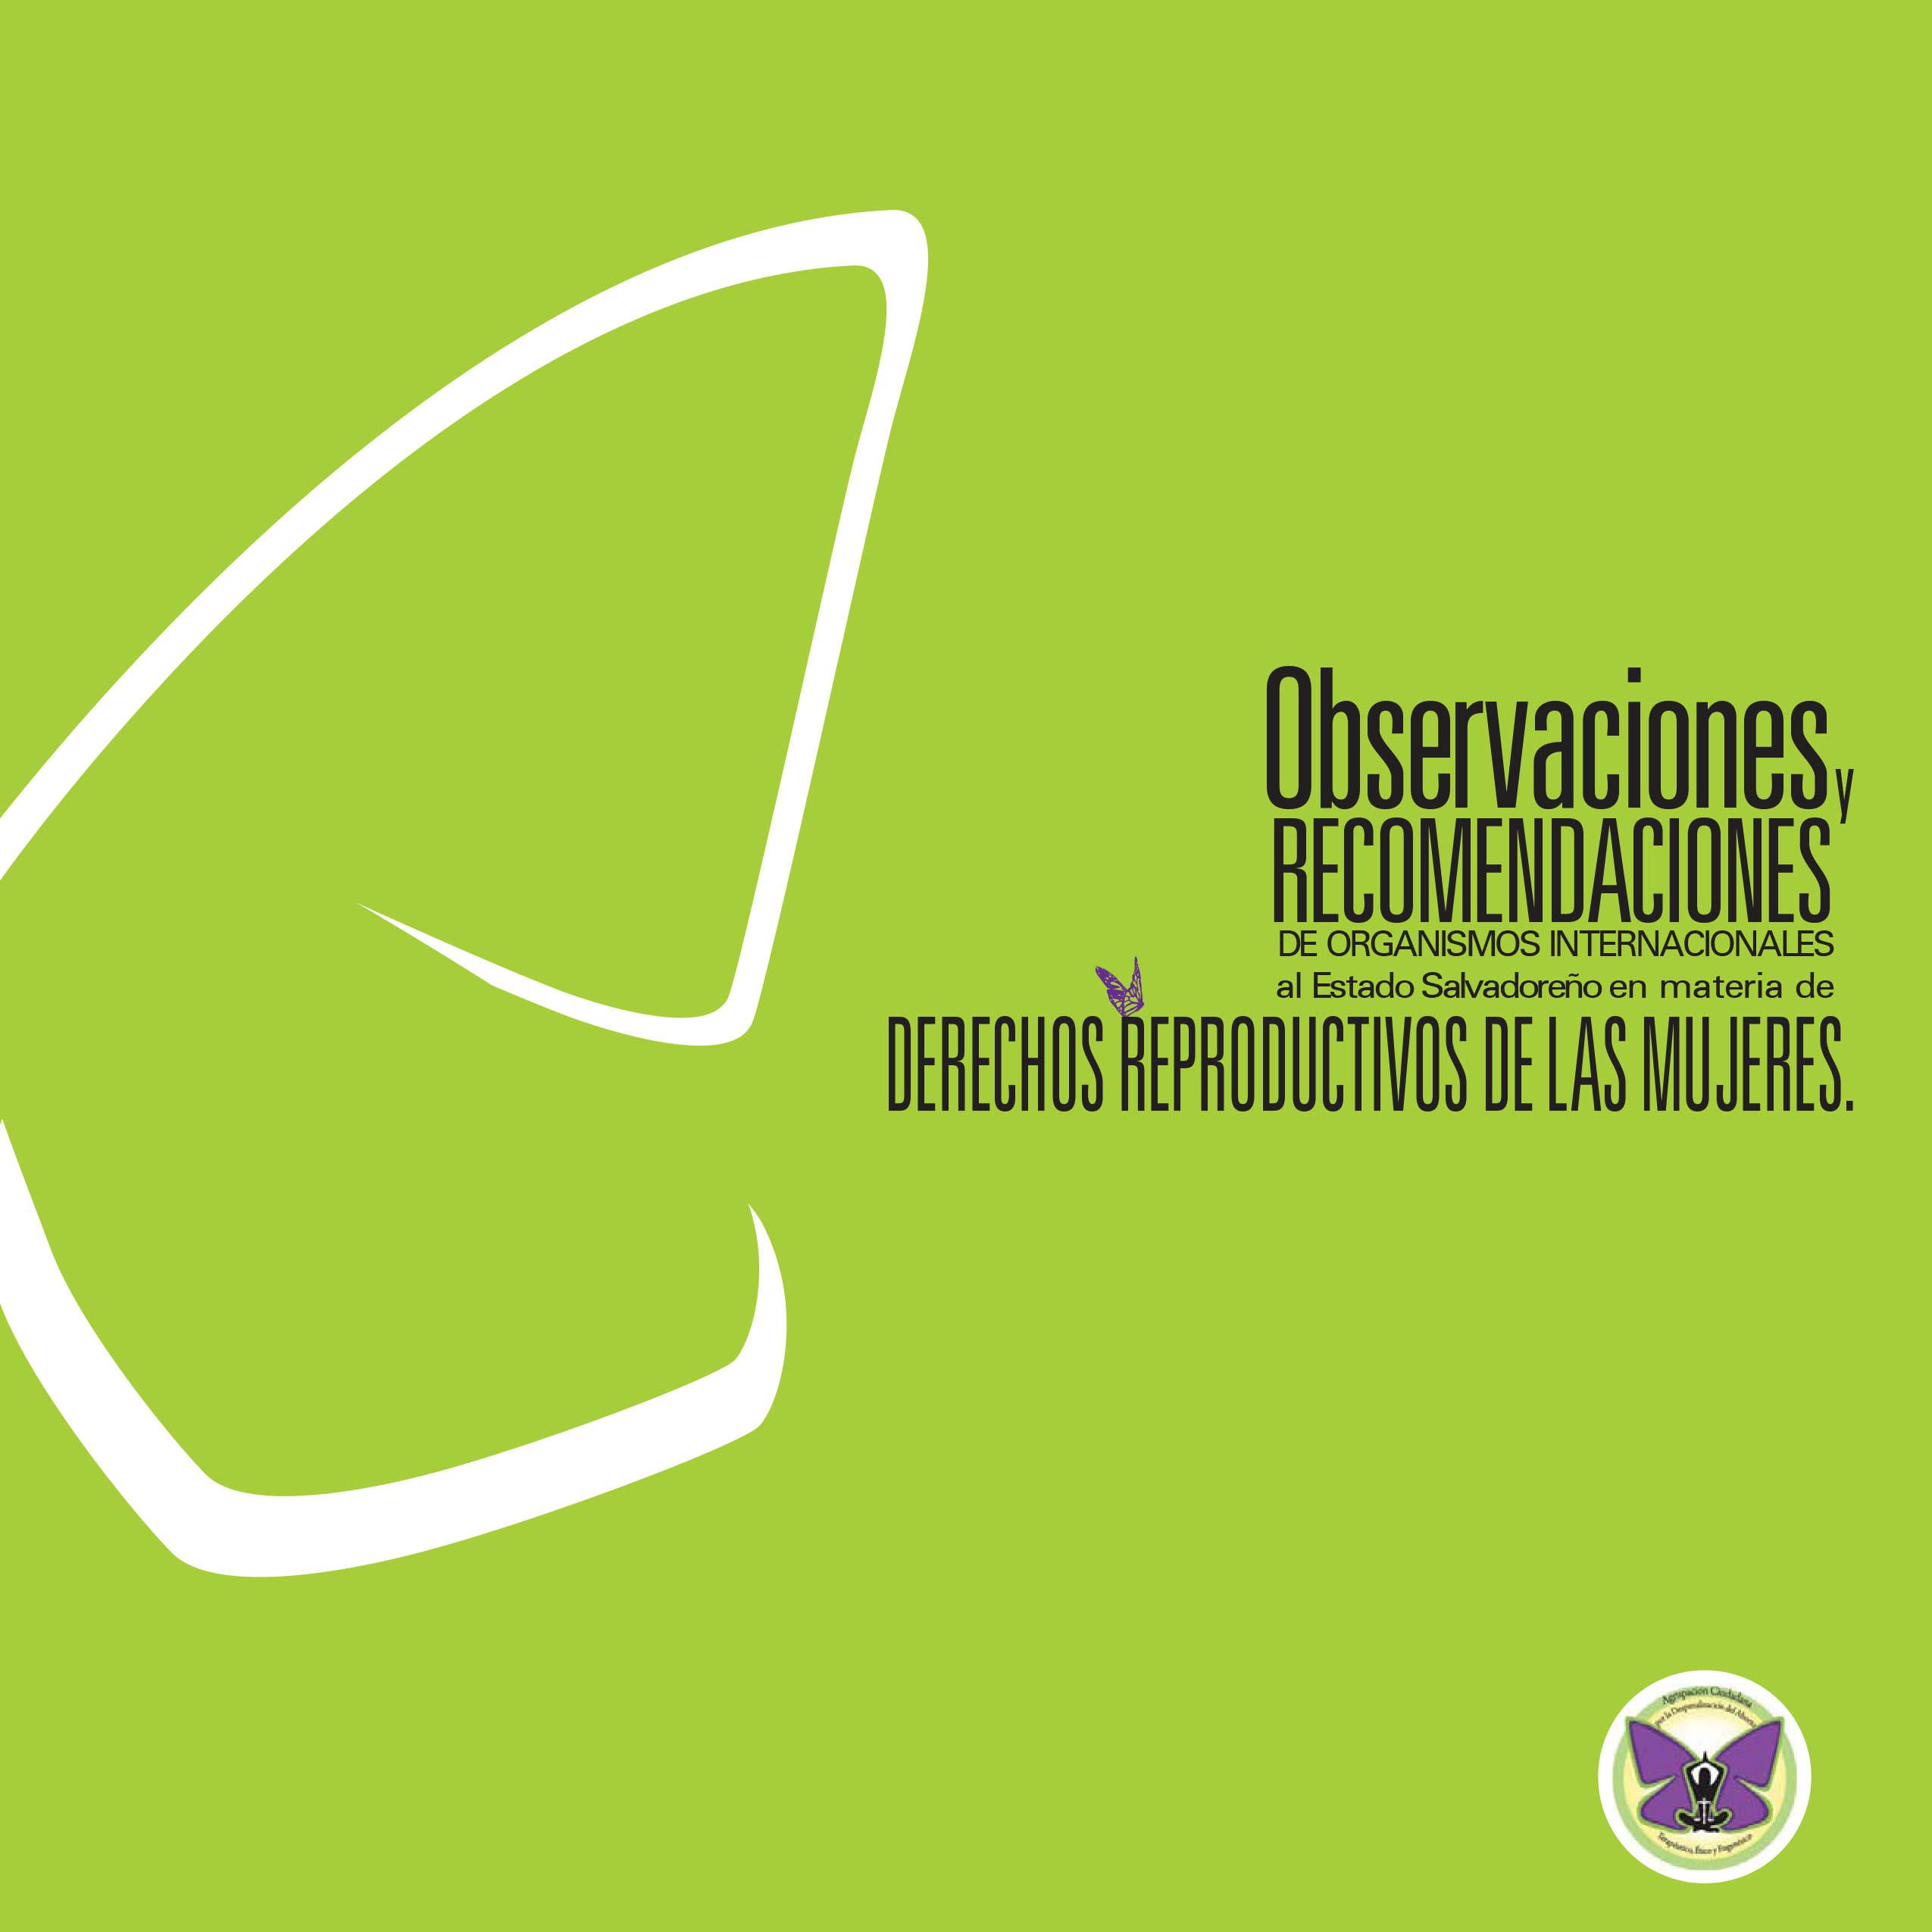 Observaciones Recomendaciones de Organismos Internaciones al Estado salvadoreño